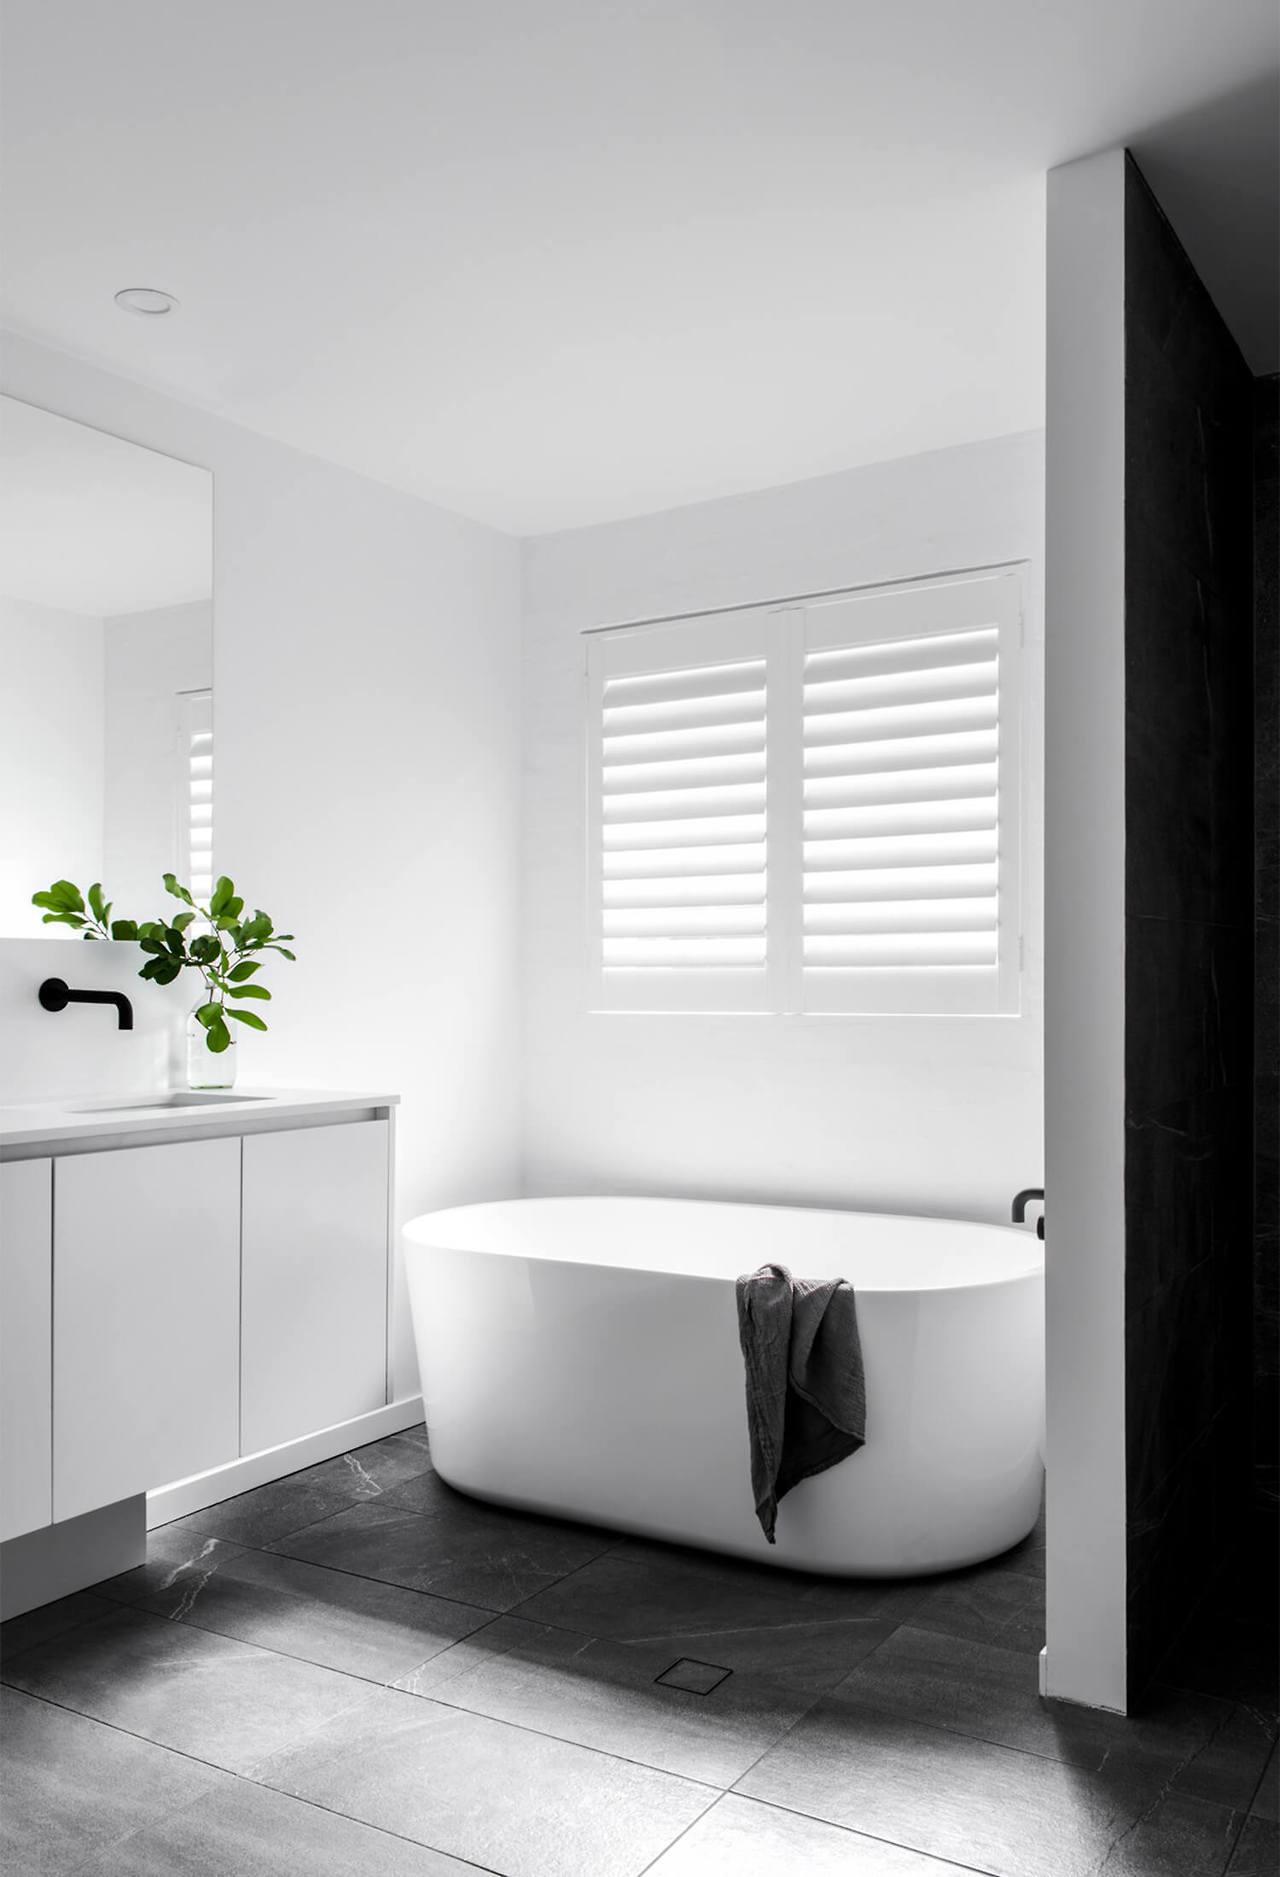 Bagno 2 X 2 come arredare un bagno piccolo: 7 segreti dell'architetto